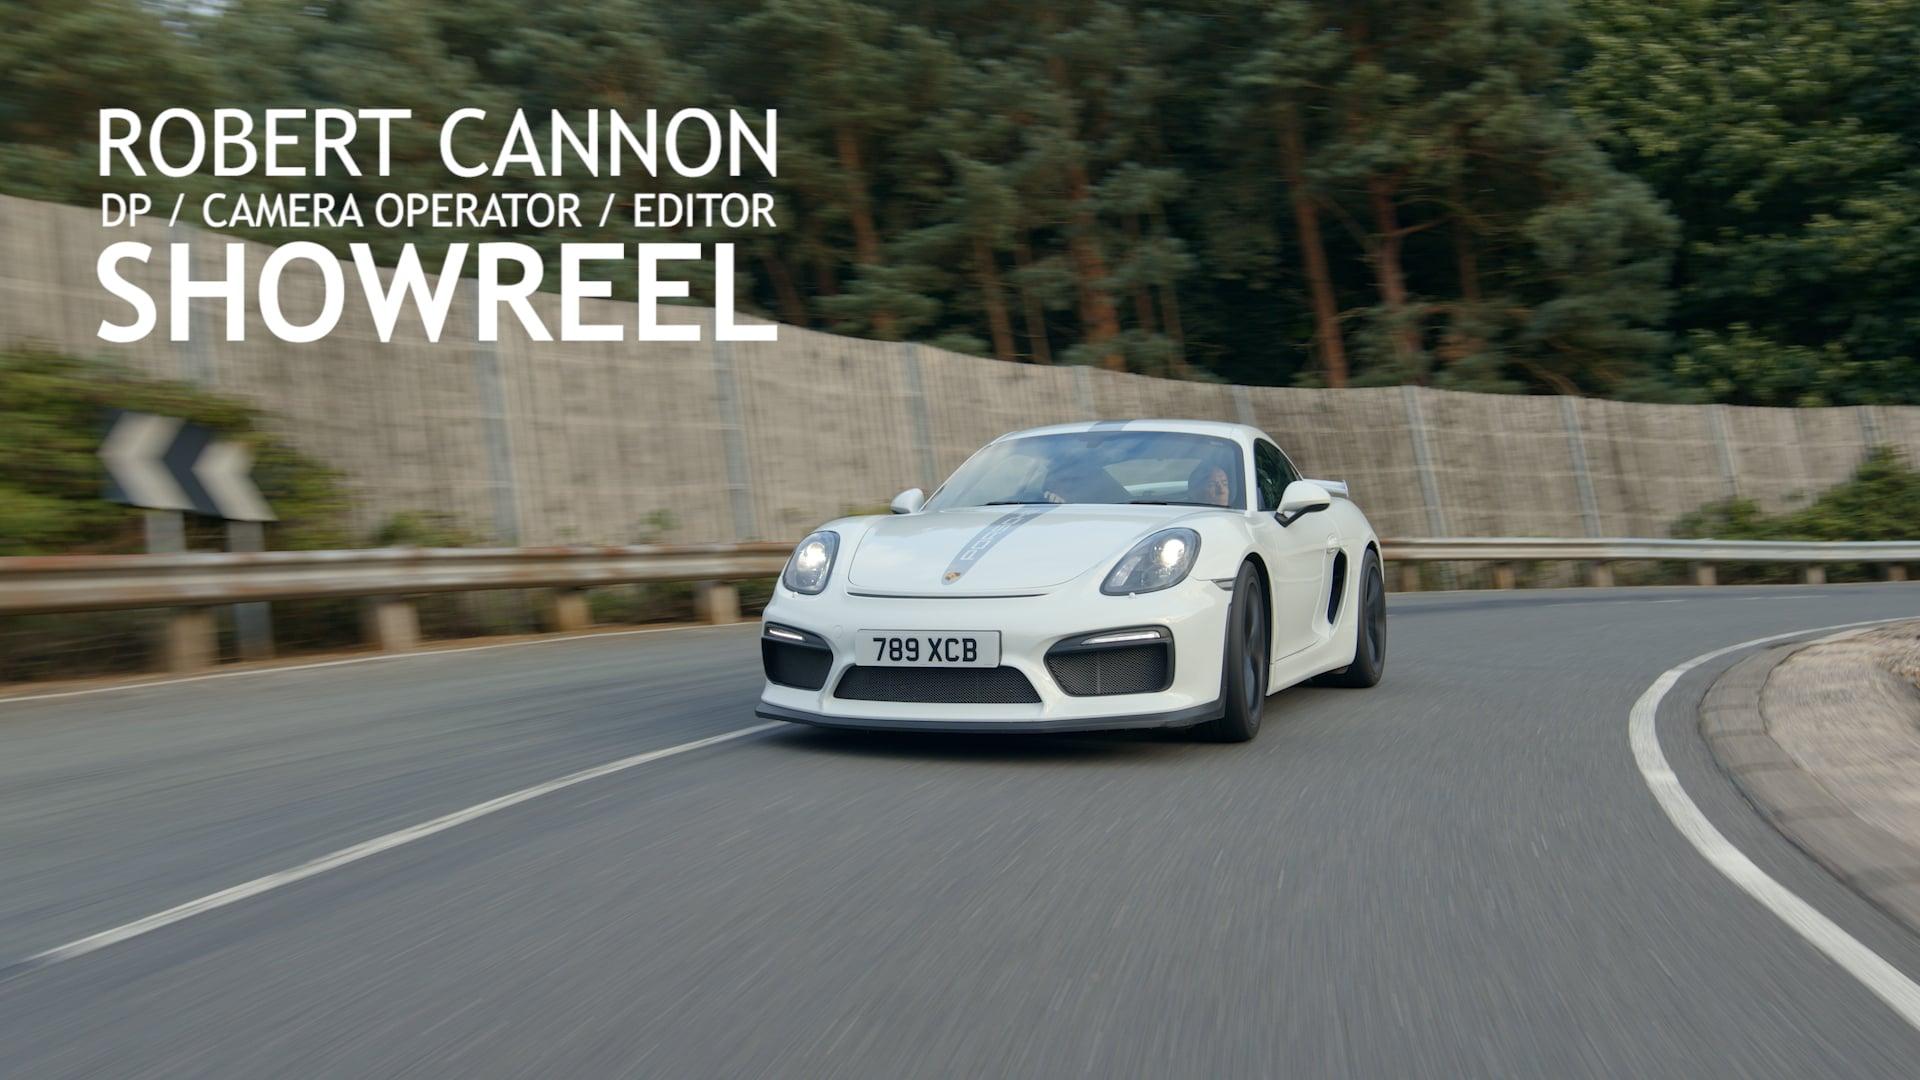 Robert Cannon - DP/CameraOp Showreel